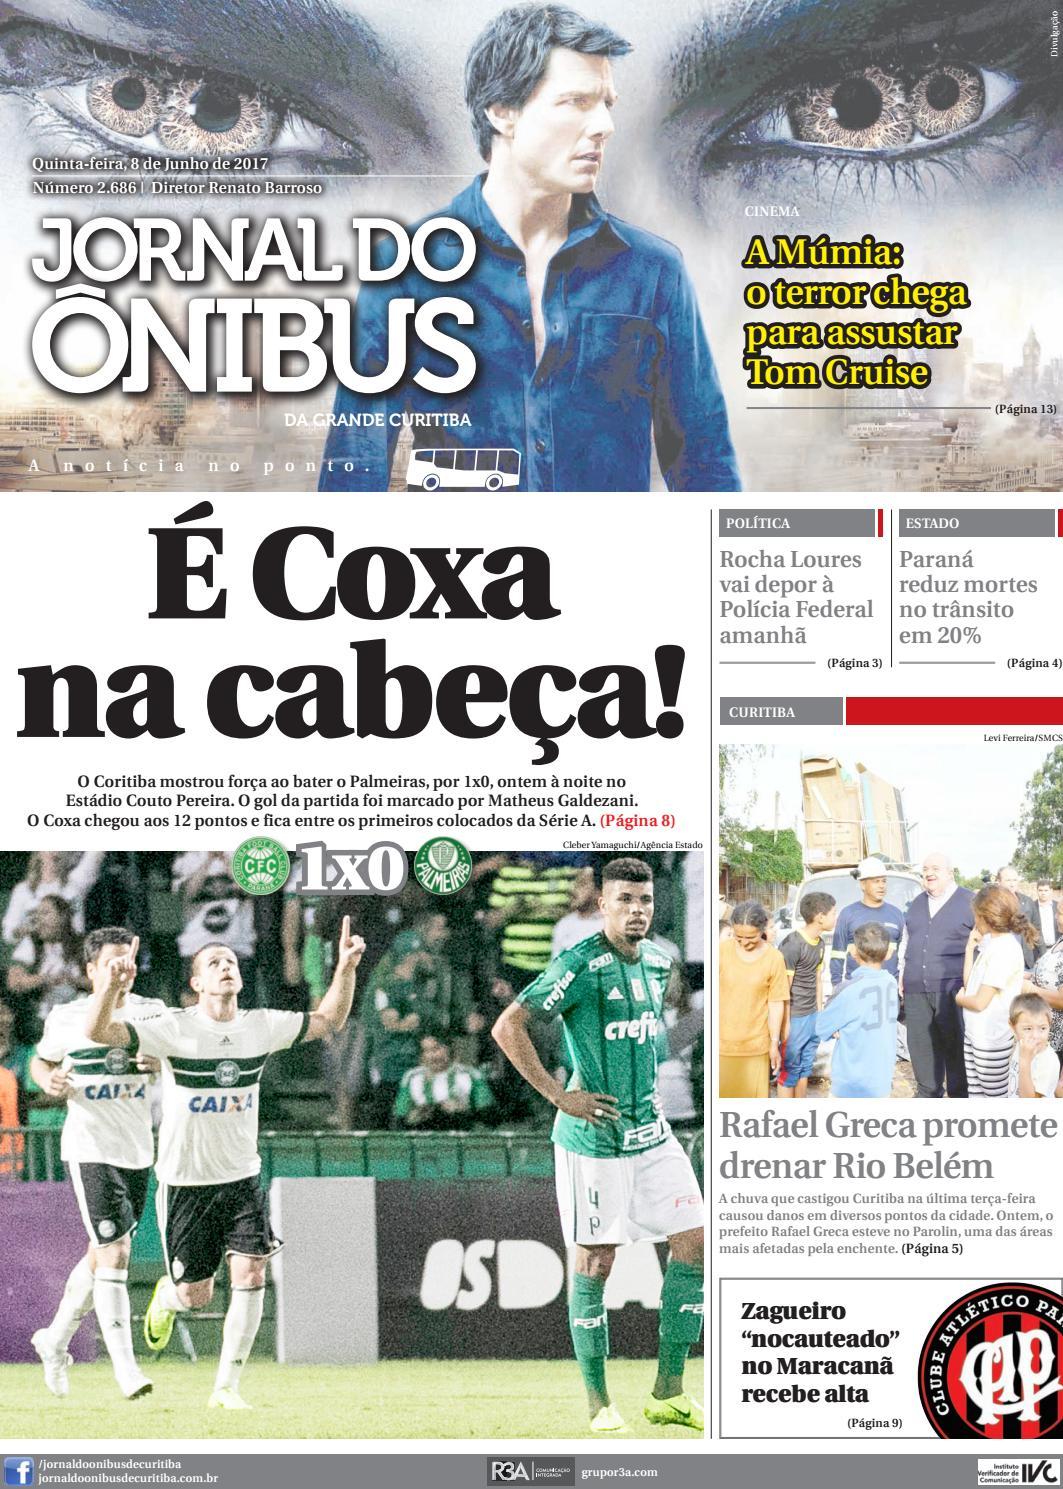 0d192712f48dc Ediktora Jornal do Ônibus - Edição do dia 08-06-2017 by Editora Correio  Paranaense - issuu